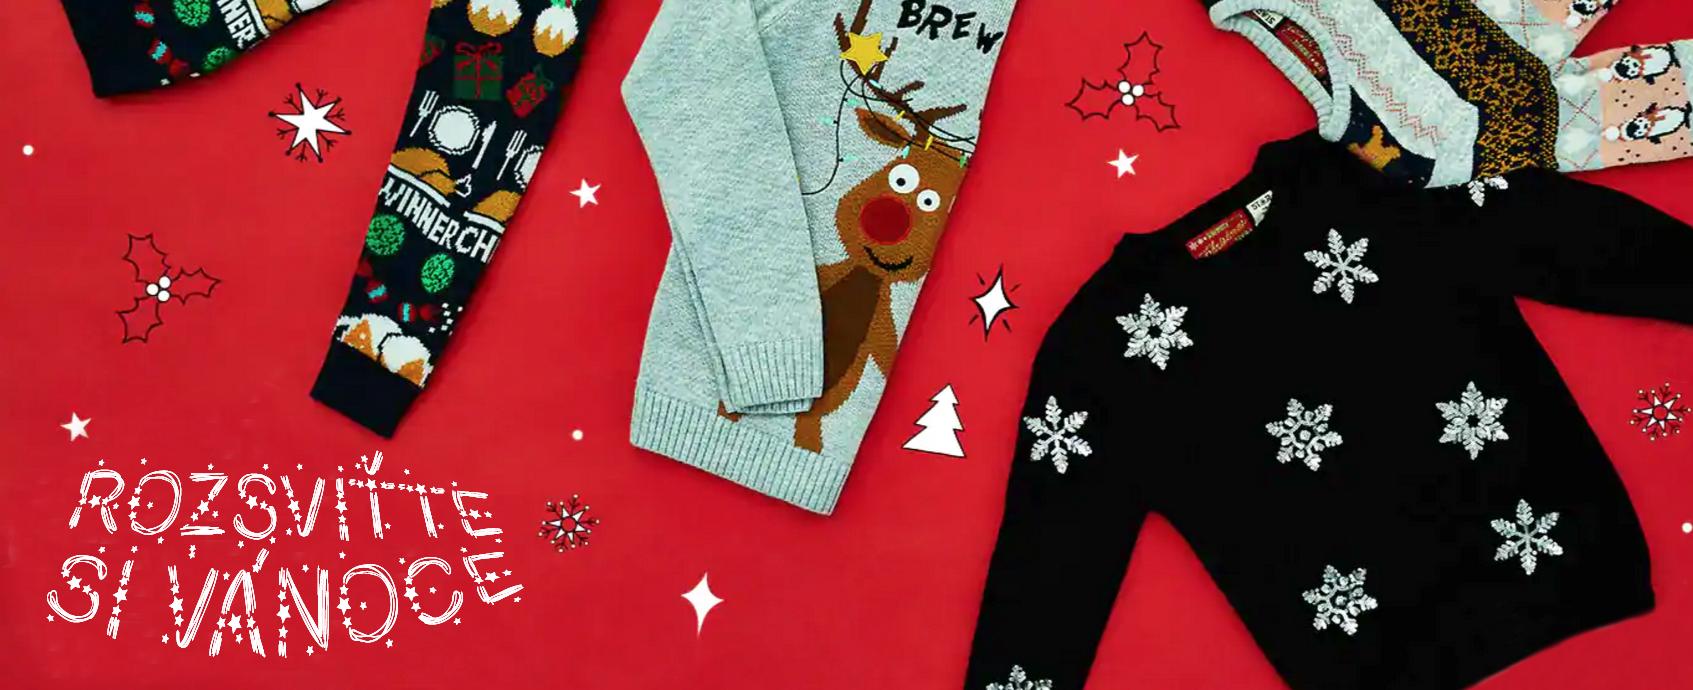 Rozsviťte si Vánoce